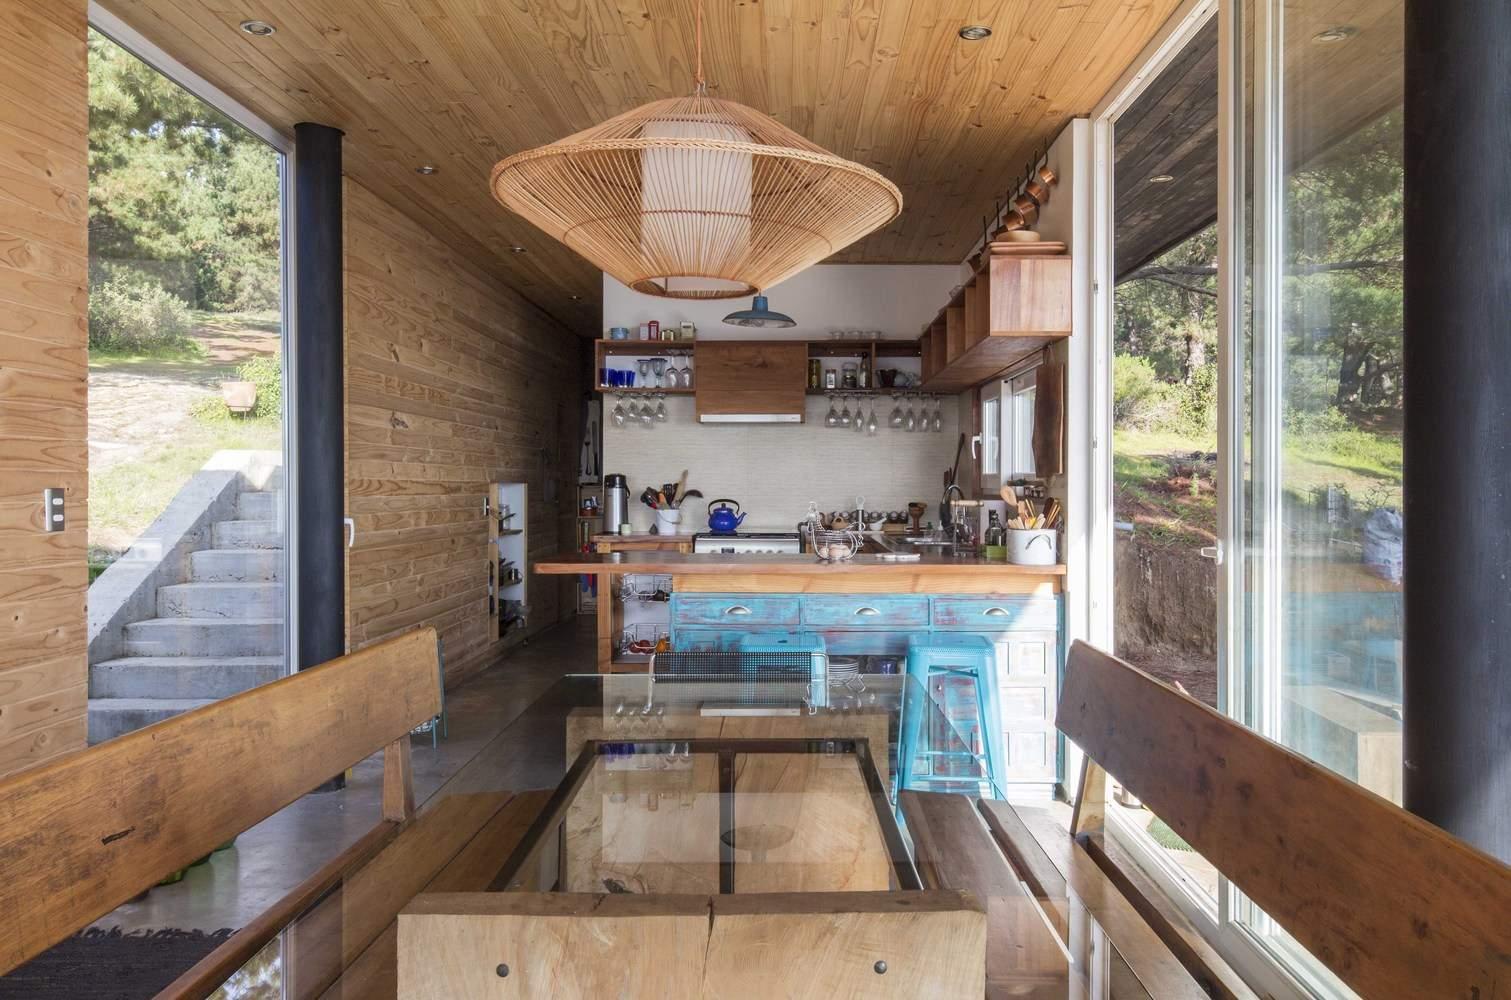 Дом для отдыха вдалеке от цивилизации, Чили